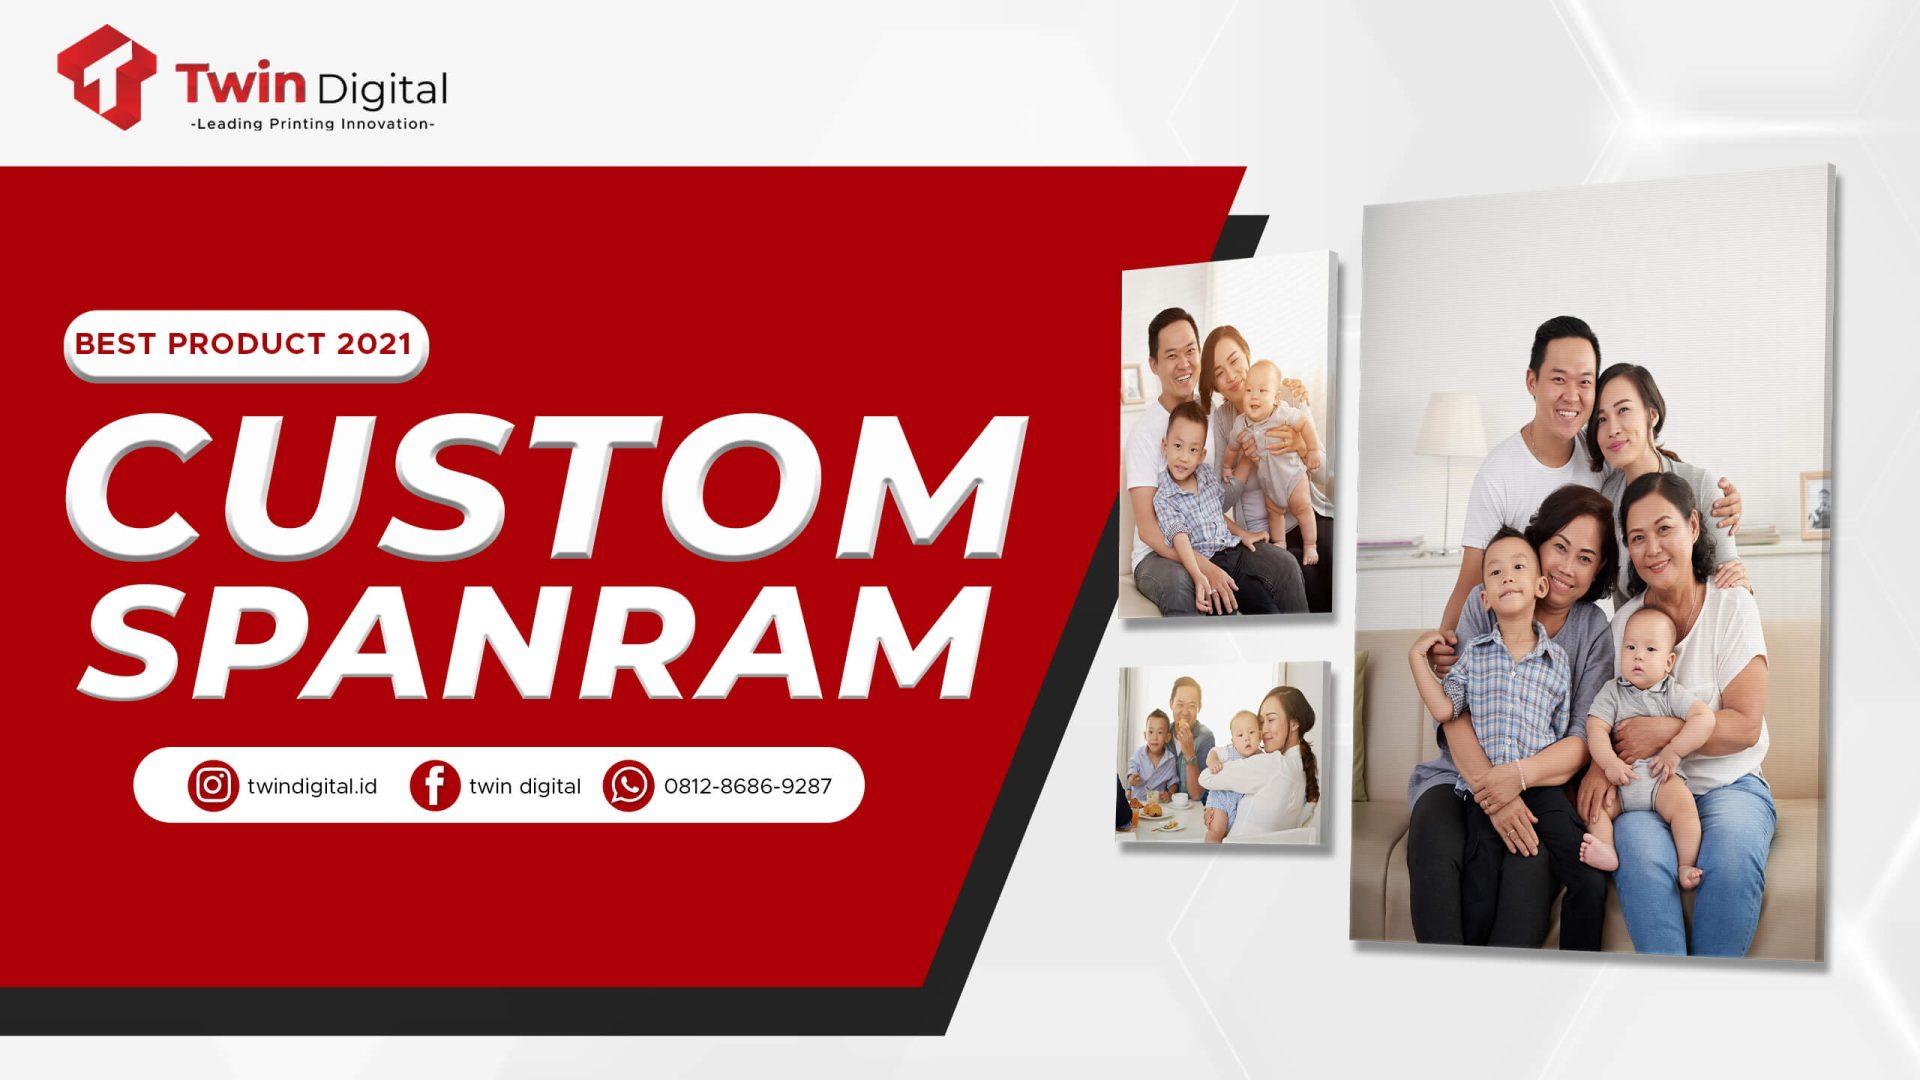 Custom Spanram